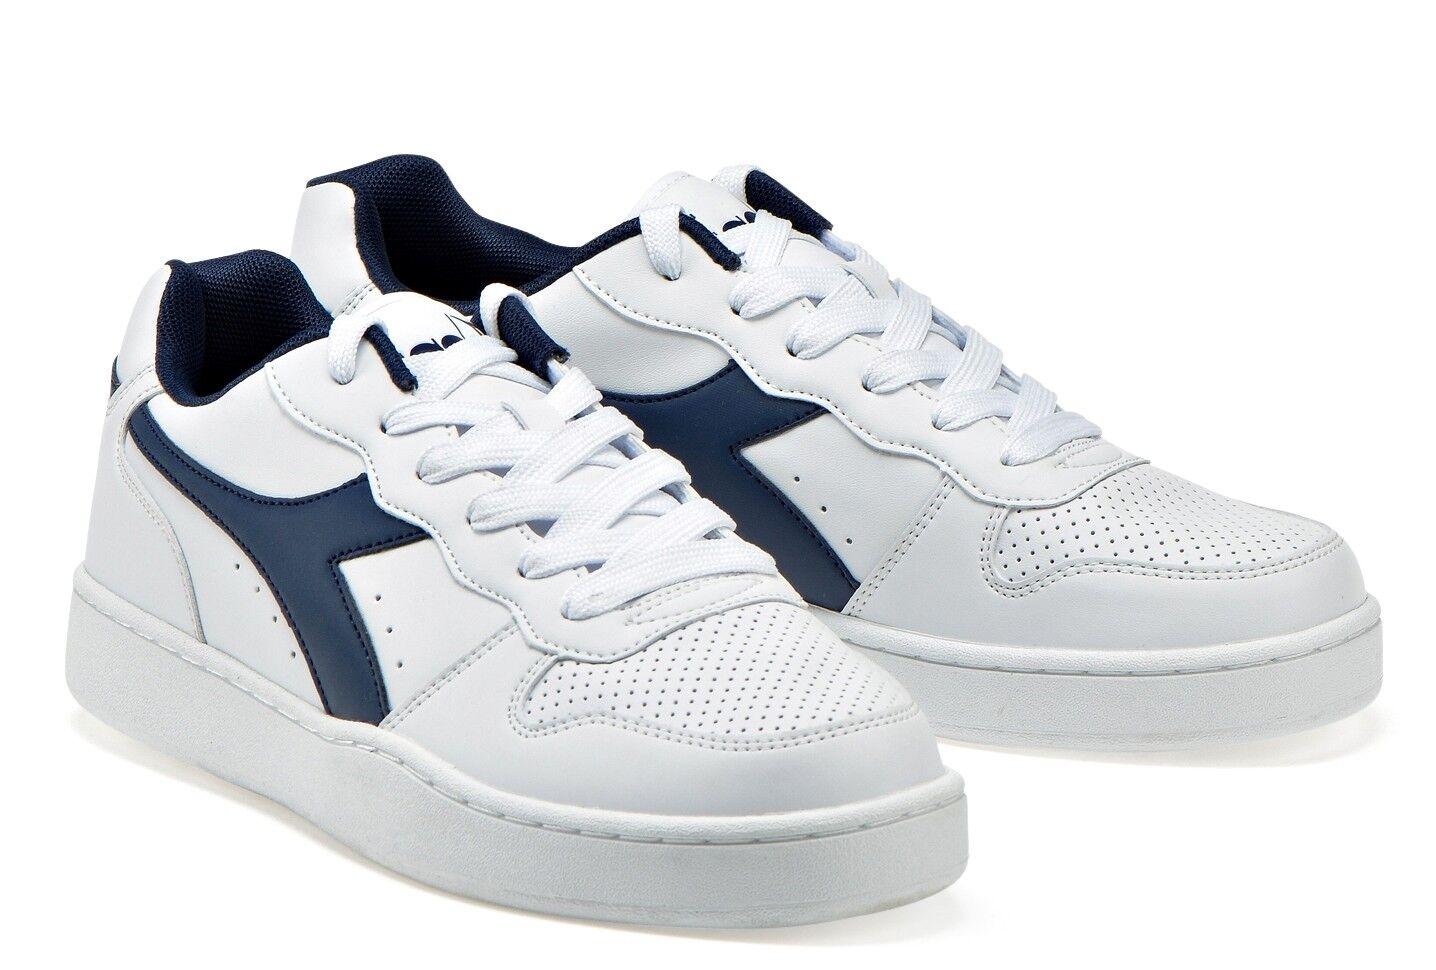 Diadora Playground Gs Women's shoes Stan Sports Smith Sneakers Leather White